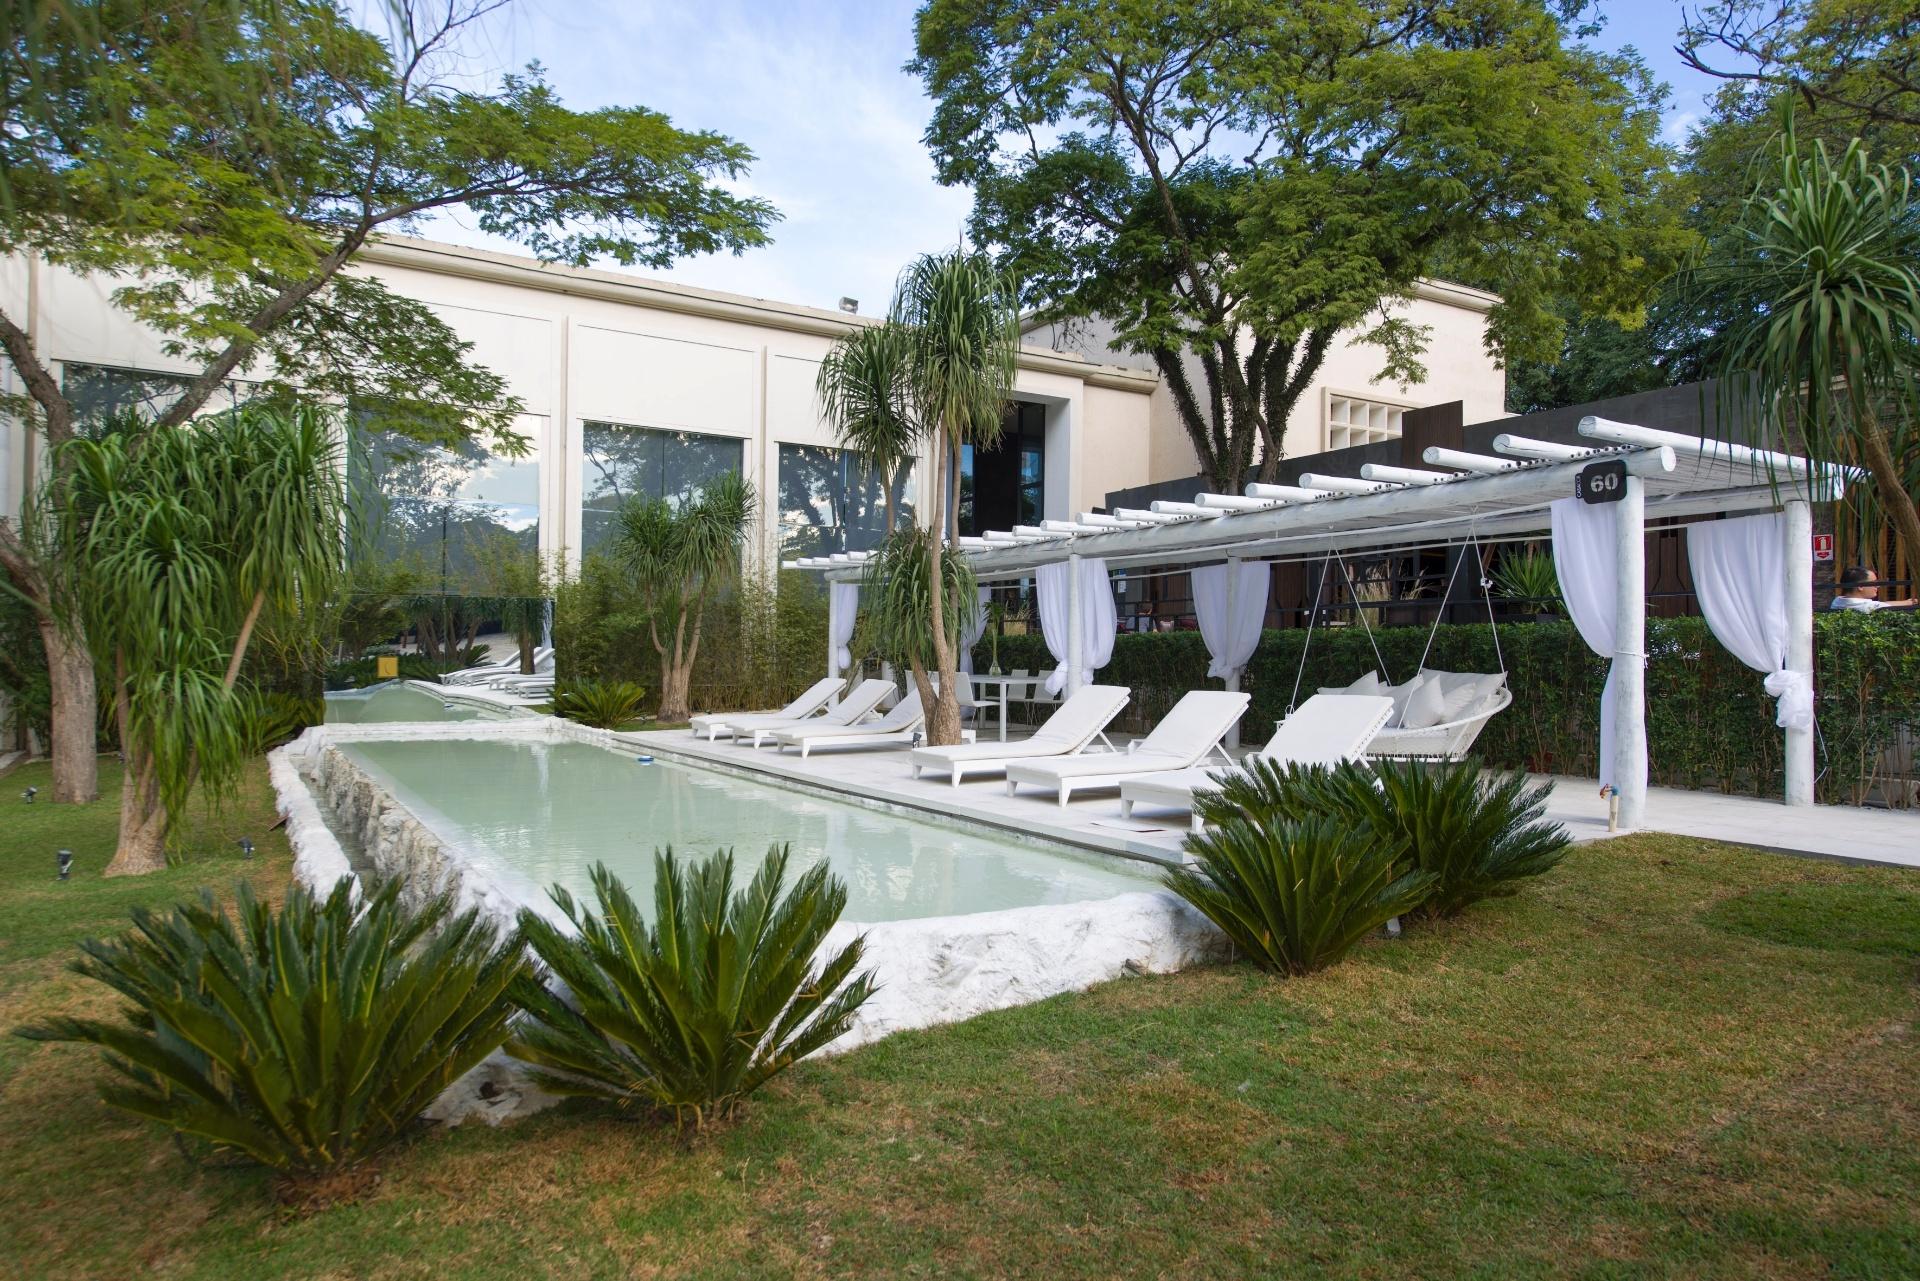 Assinada por Marcelo Faisal, a Praça Casa Cor - com 500 m² -, tem piscina, pergolado e mobiliário brancos. O arquiteto e paisagista batizou o ambiente como